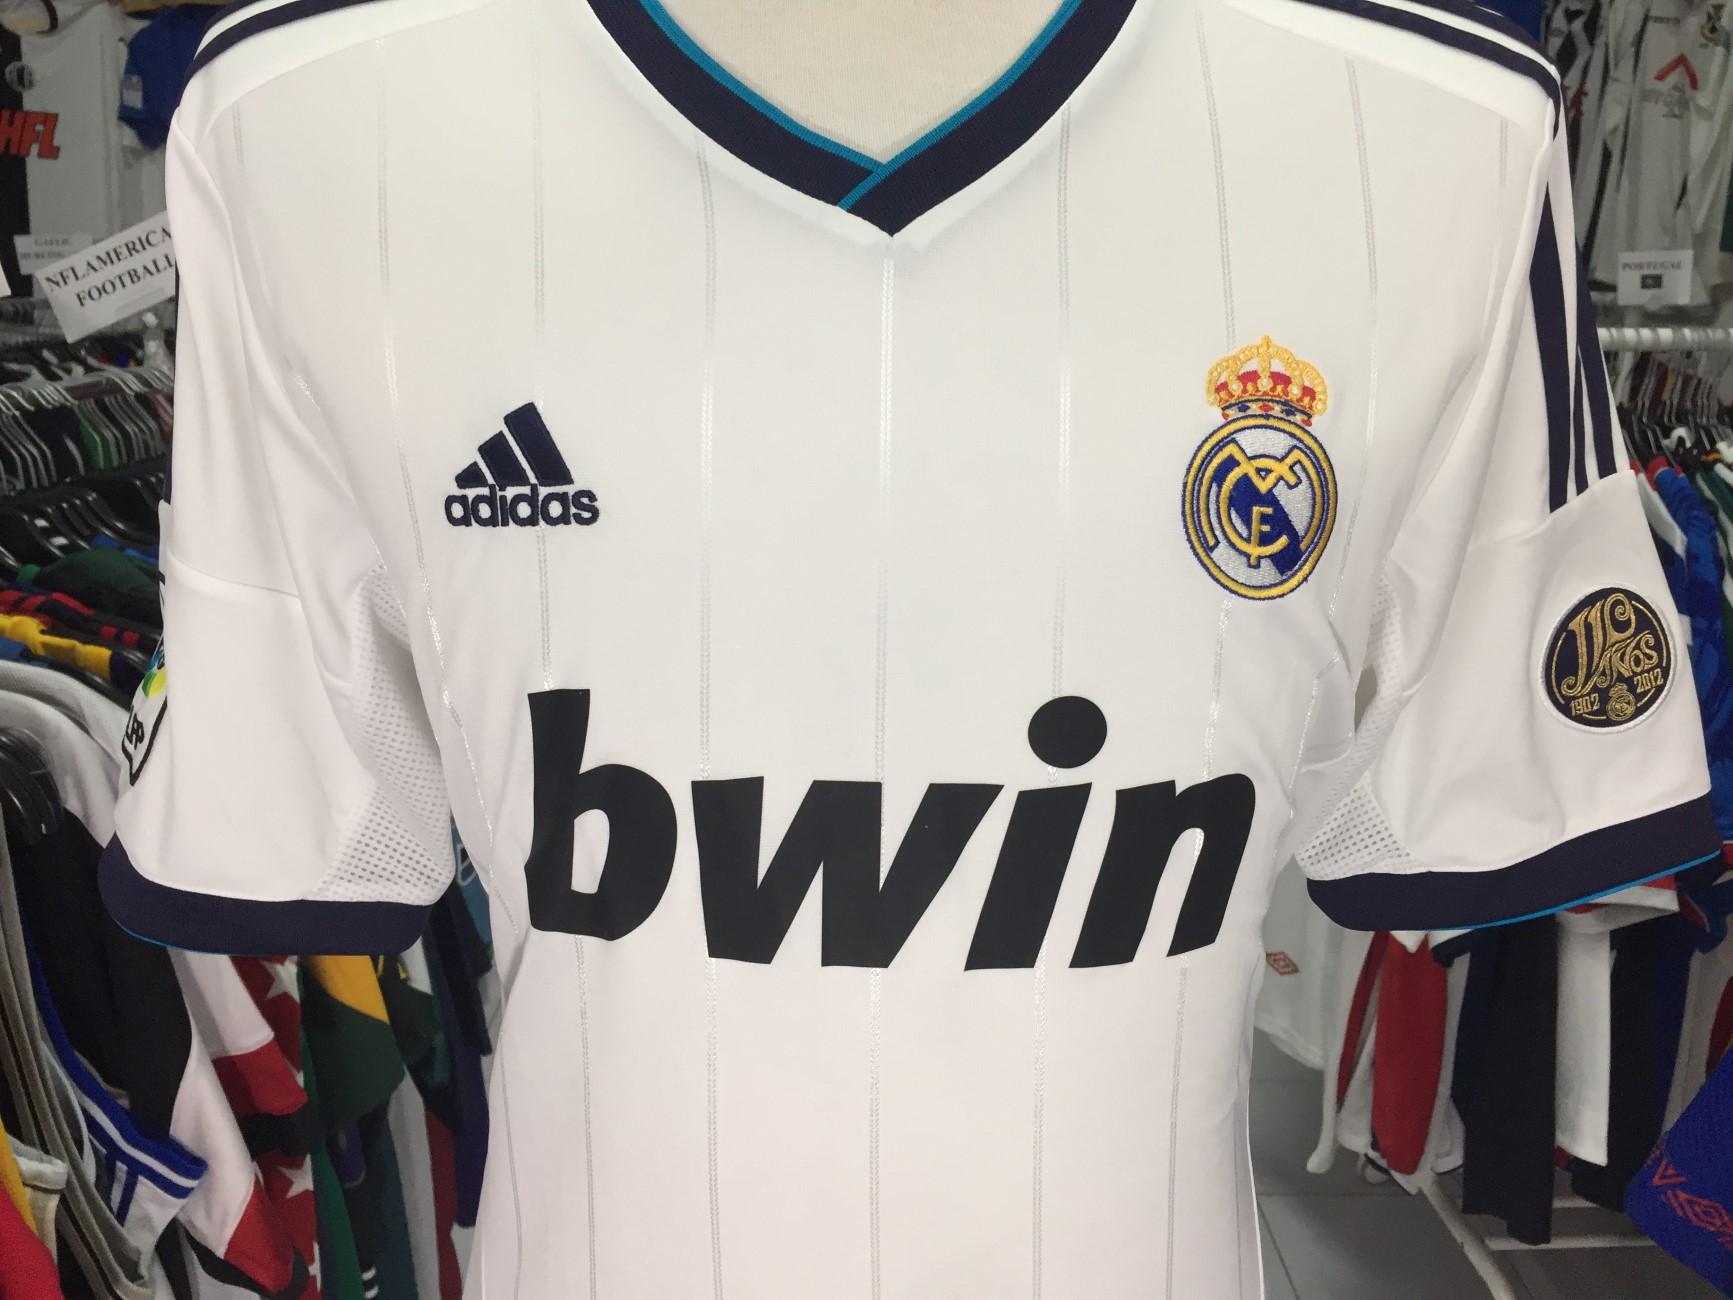 77ebe3ba1 Football Shirts 2012 13